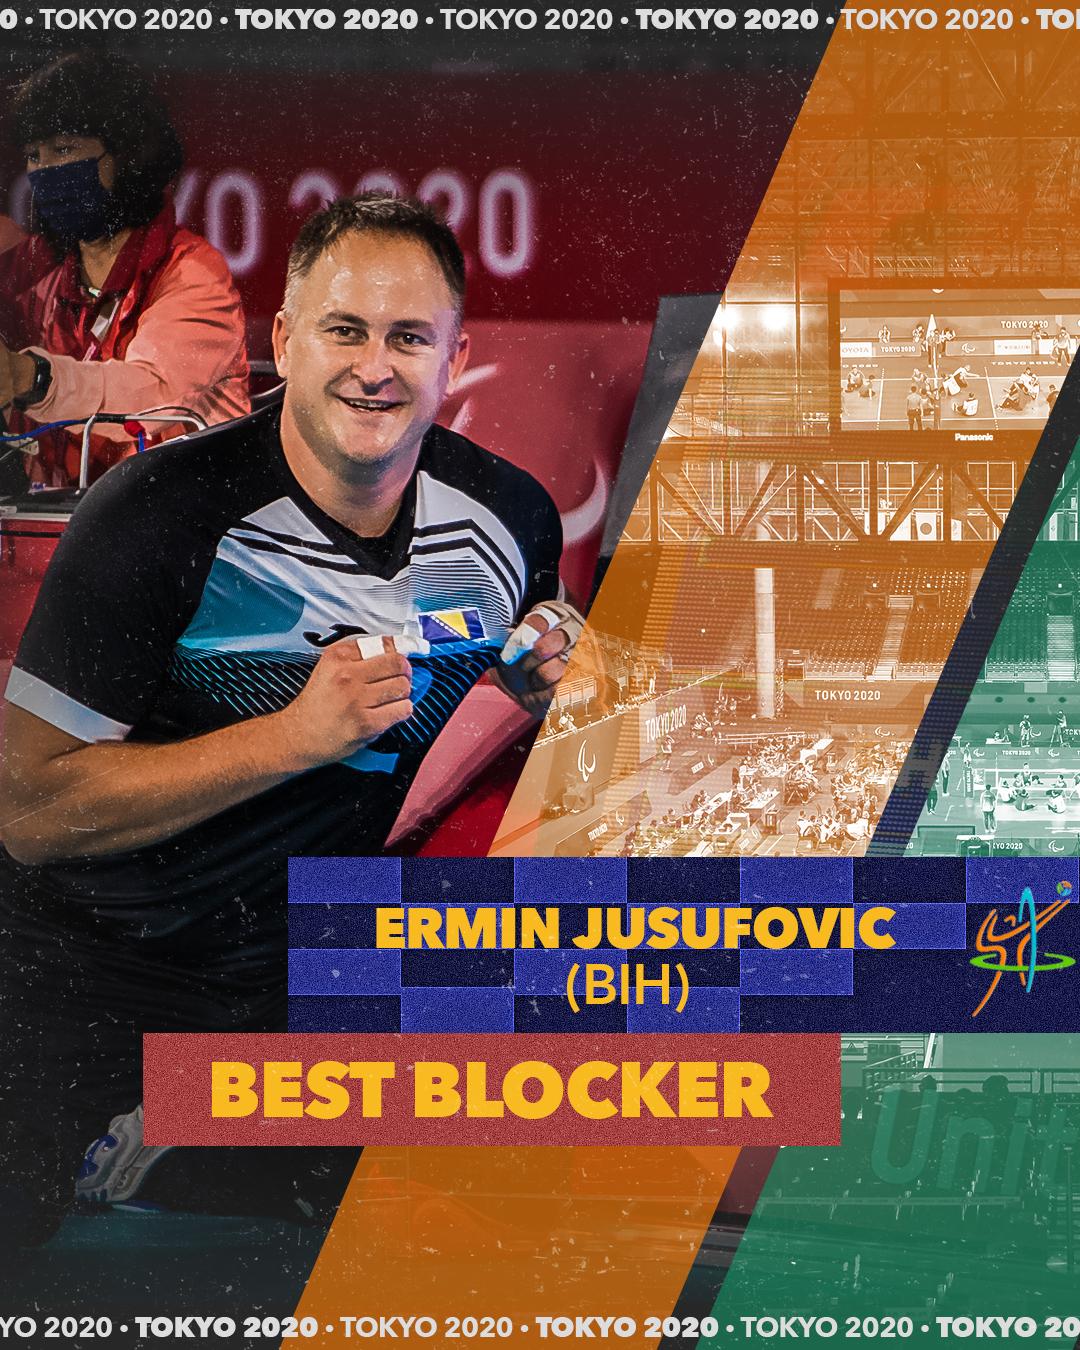 Men's Best Blocker